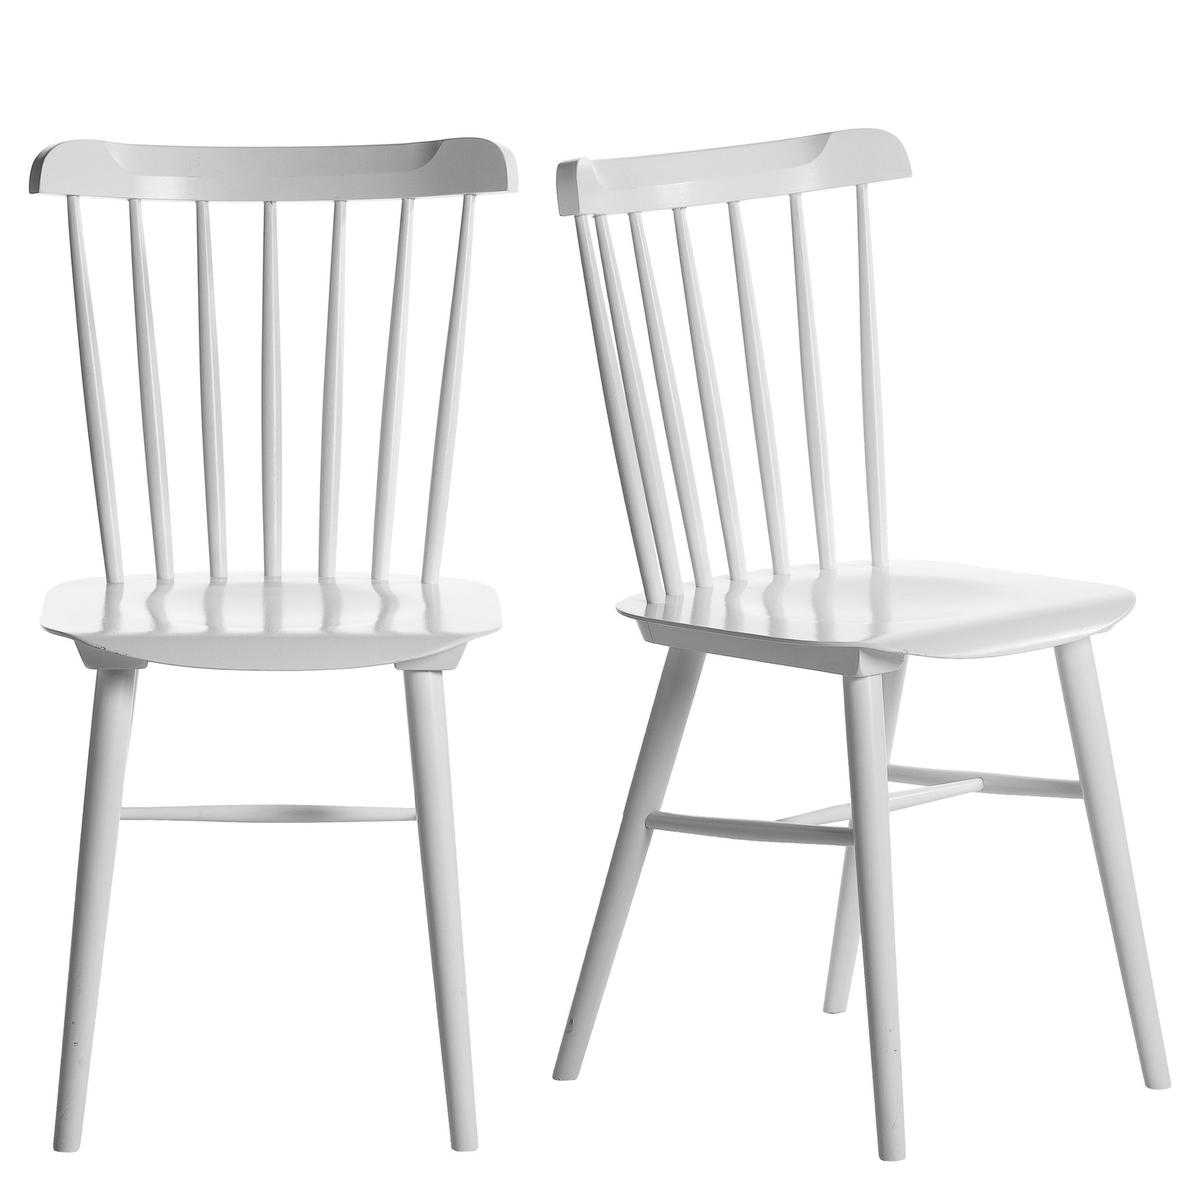 Комплект из 2 стульев Ivy штора bartica quelle quelle 770777 2 в ш 175x140 см